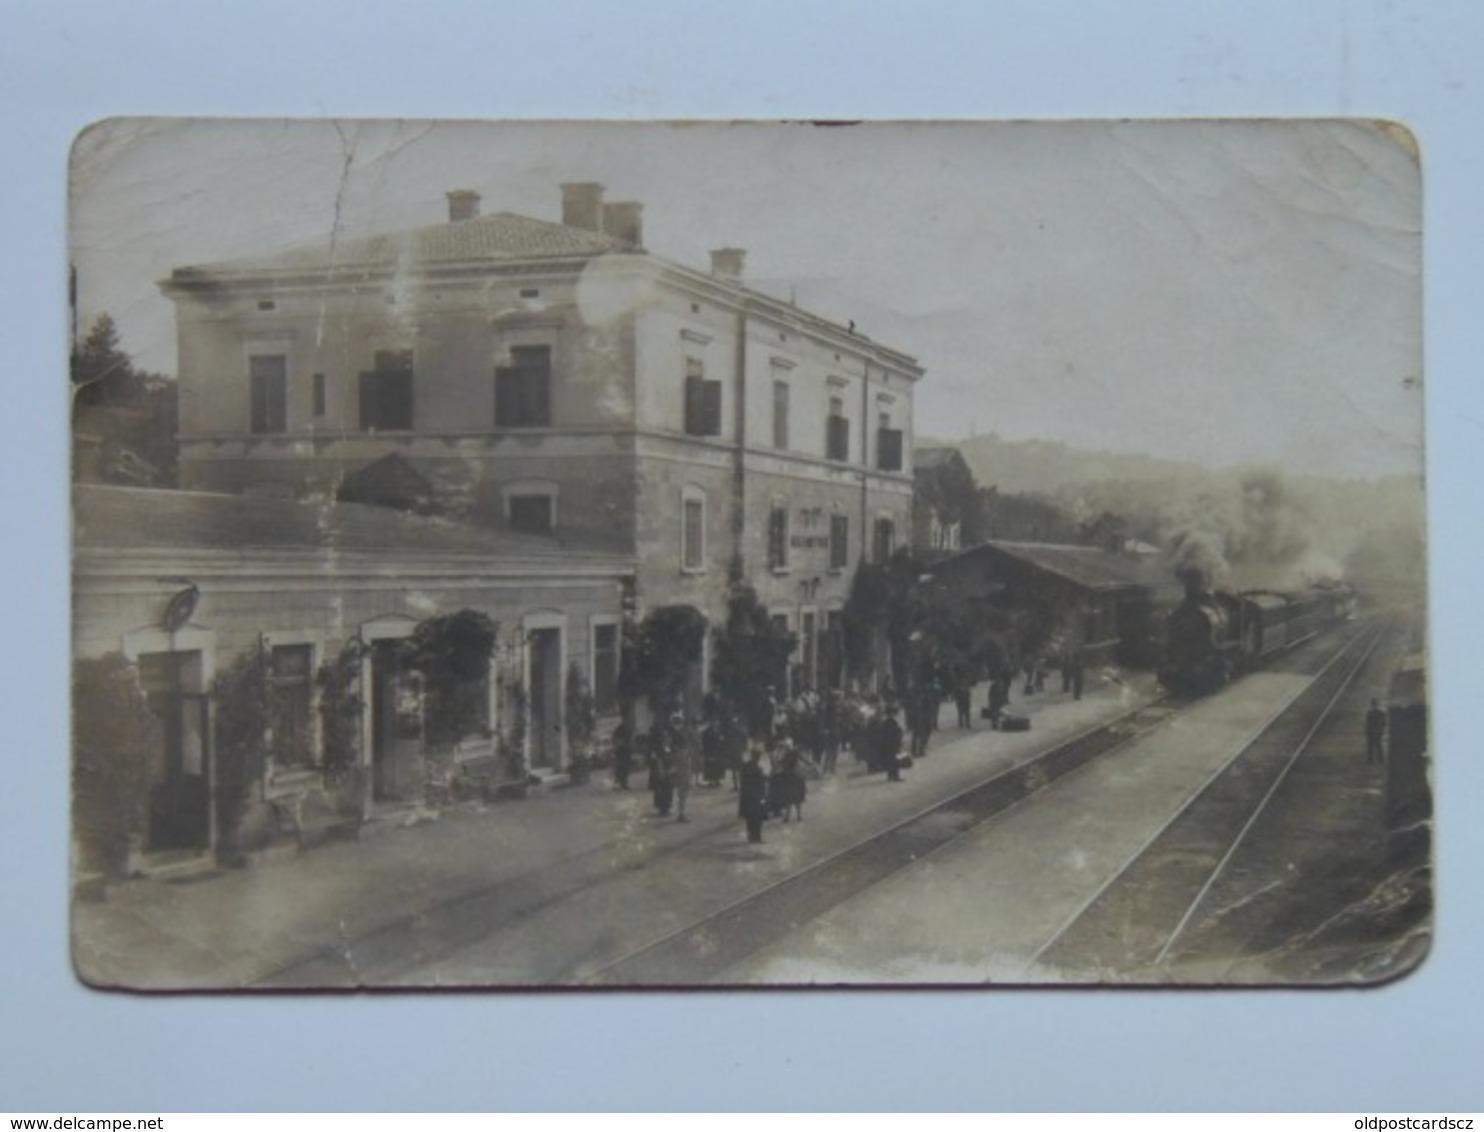 Italia 41 Stazione Ferroviaria Treno Animata Bella 1920 Bahnhof Station Train Zug Tram Italy - Italia